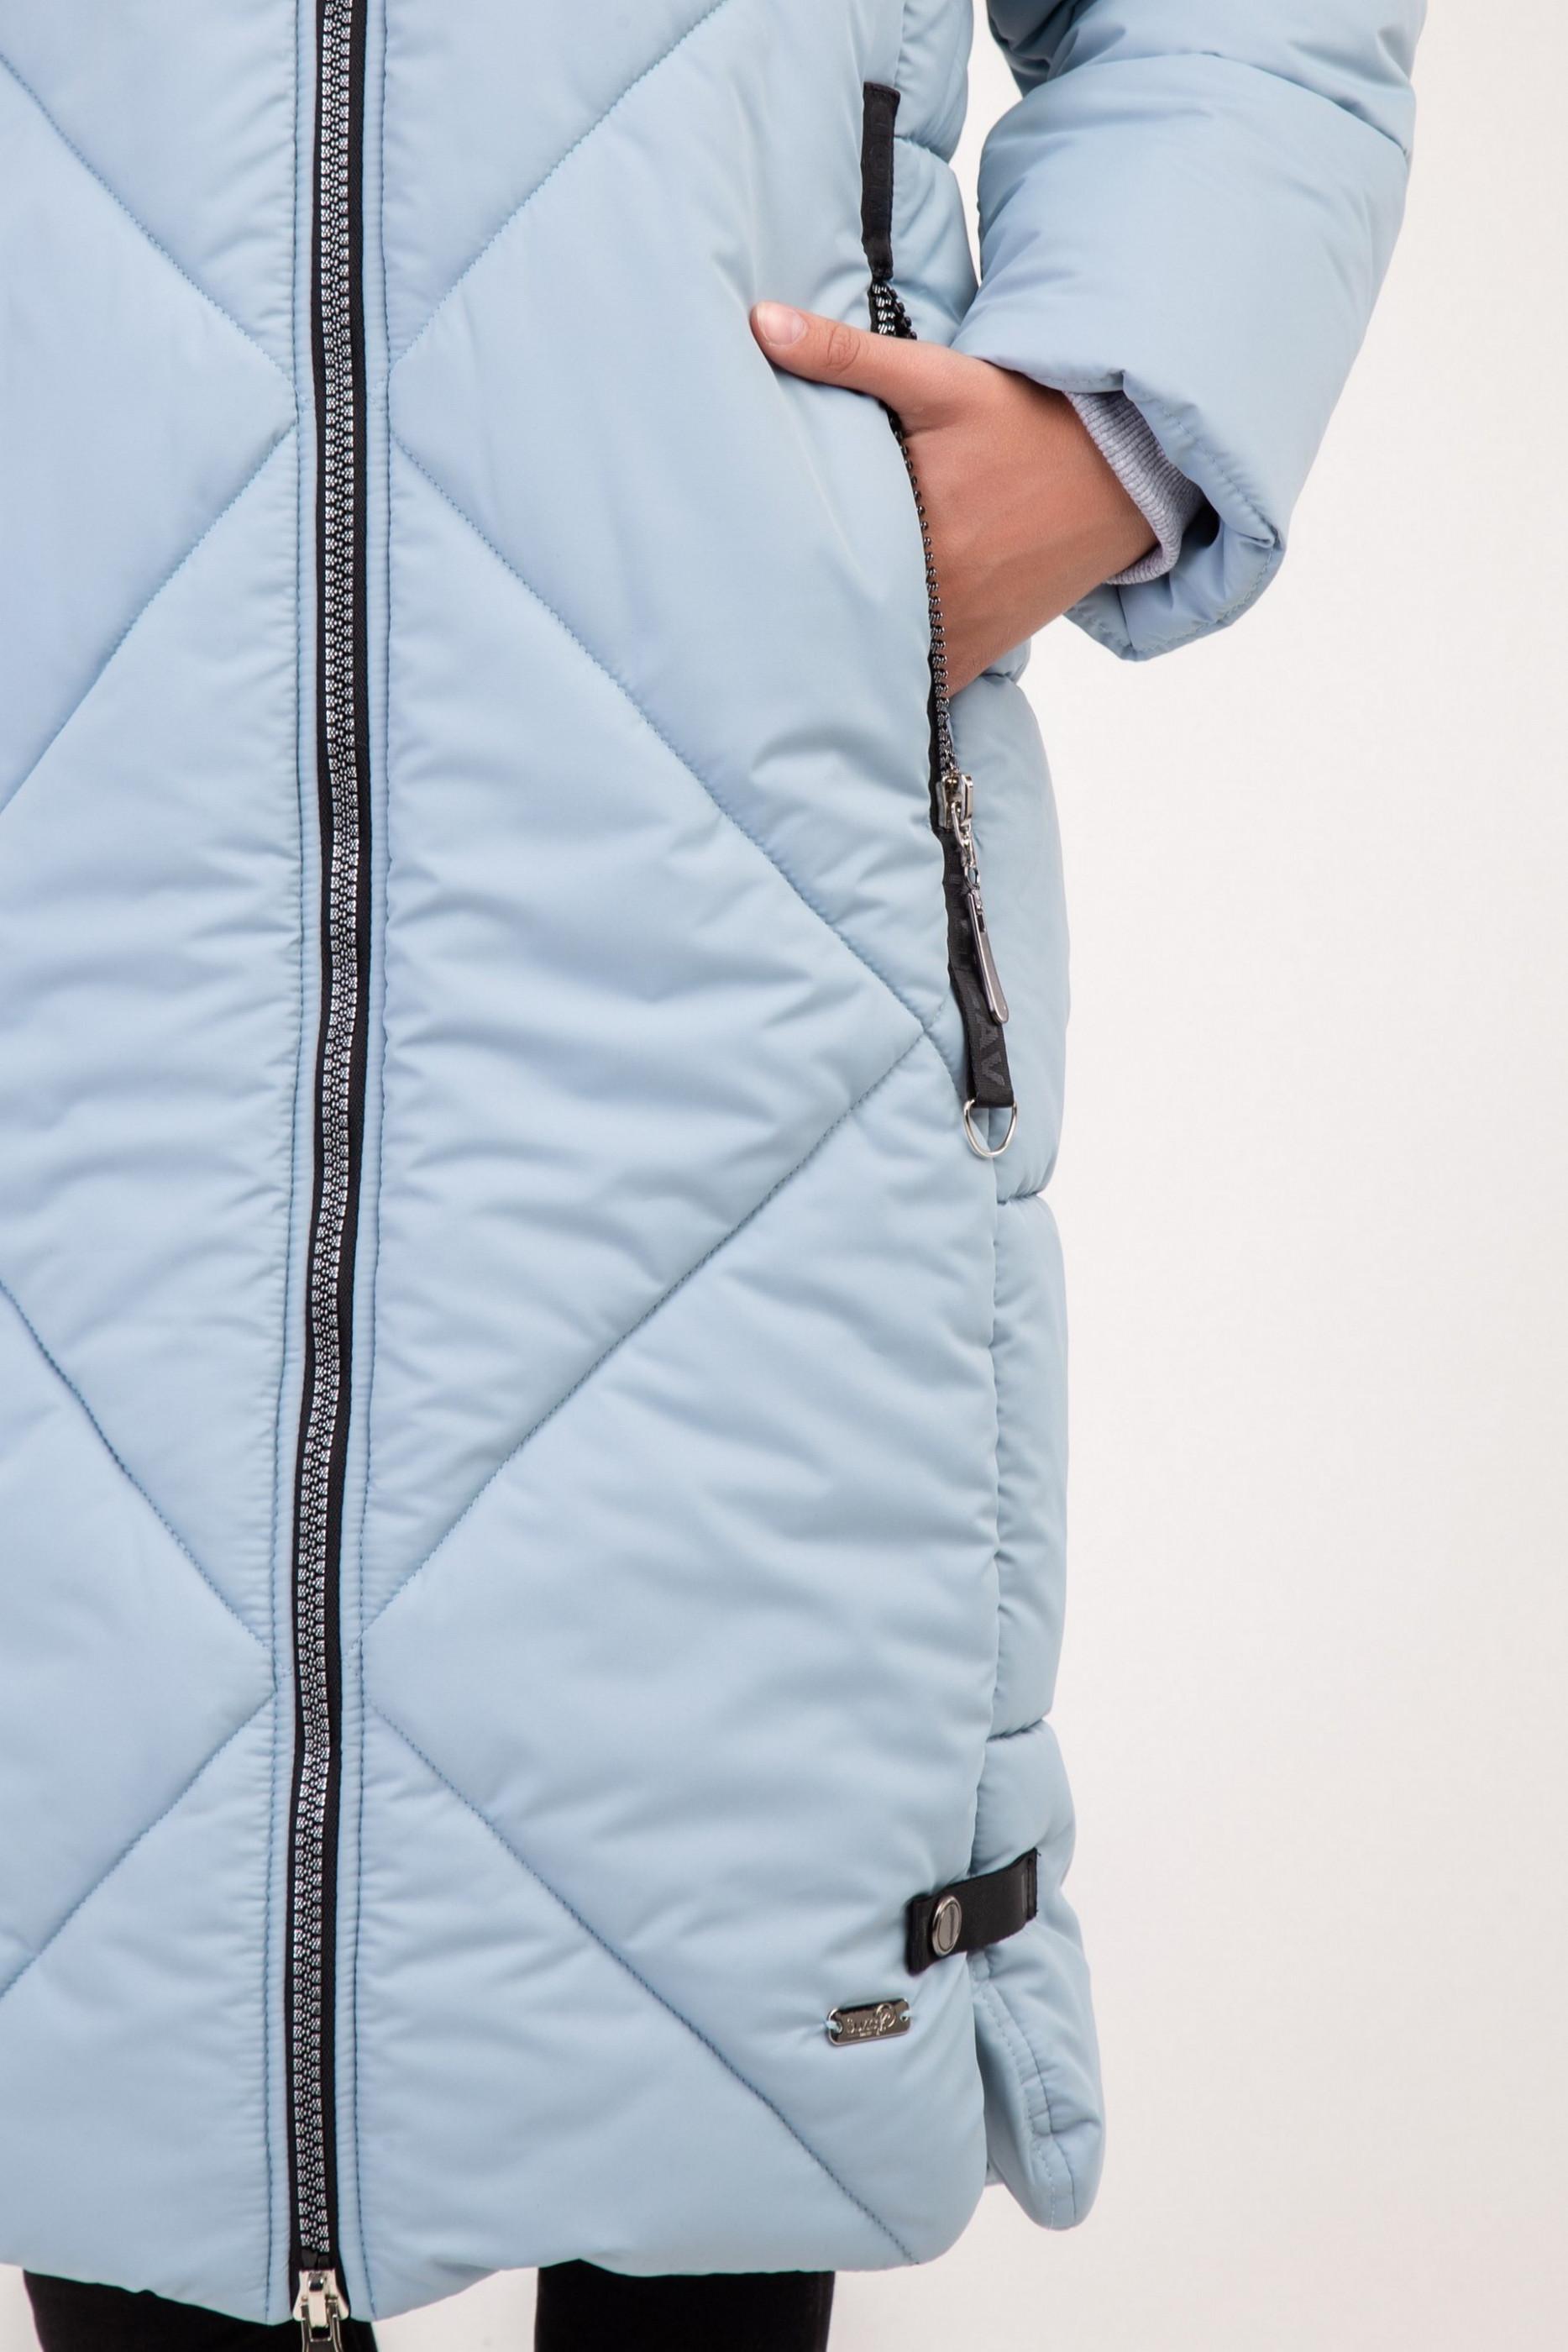 Пальто Аврора, фото №2